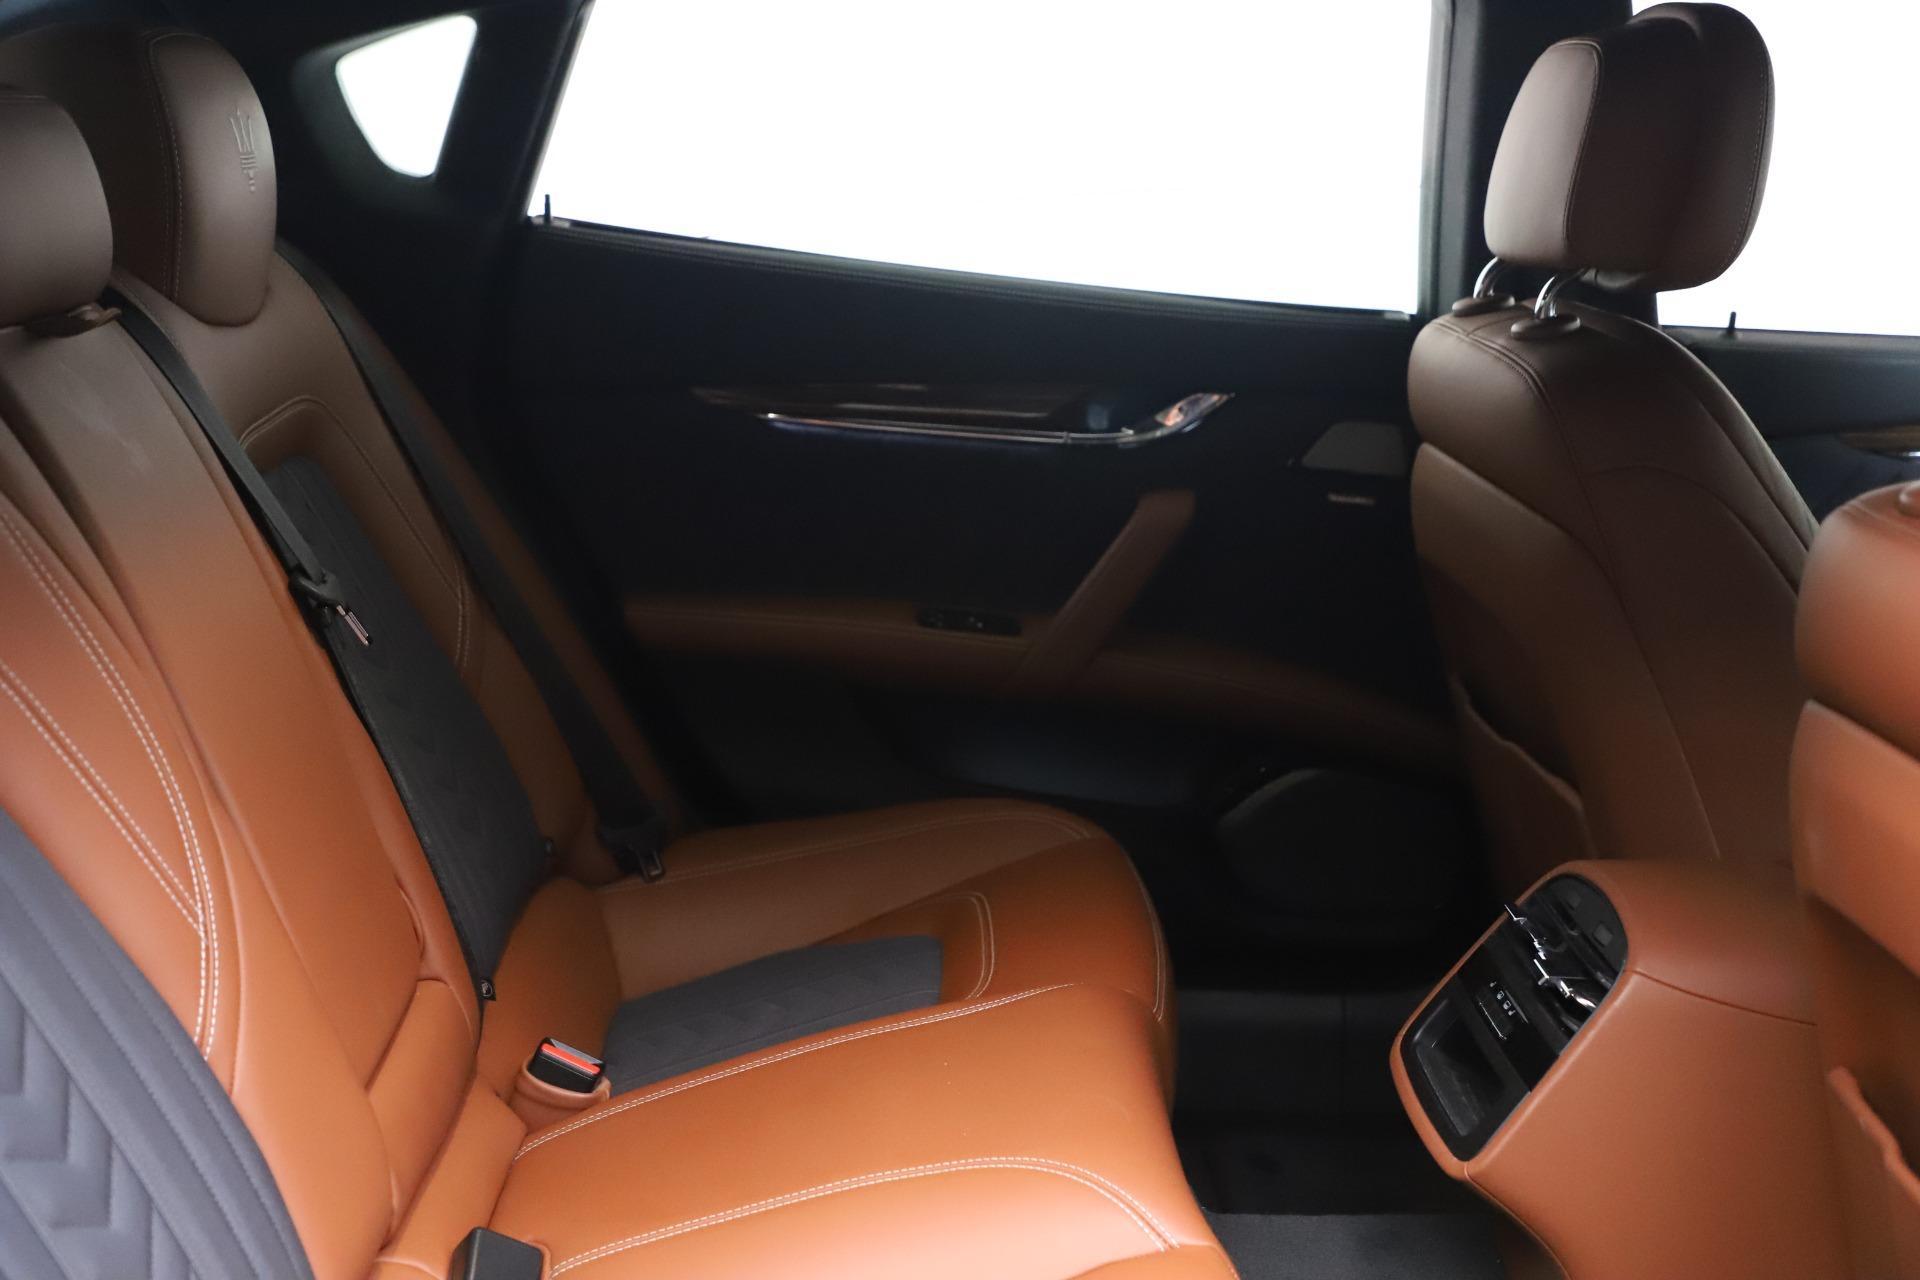 New 2017 Maserati Quattroporte SQ4 GranLusso/ Zegna For Sale In Greenwich, CT 1355_p23